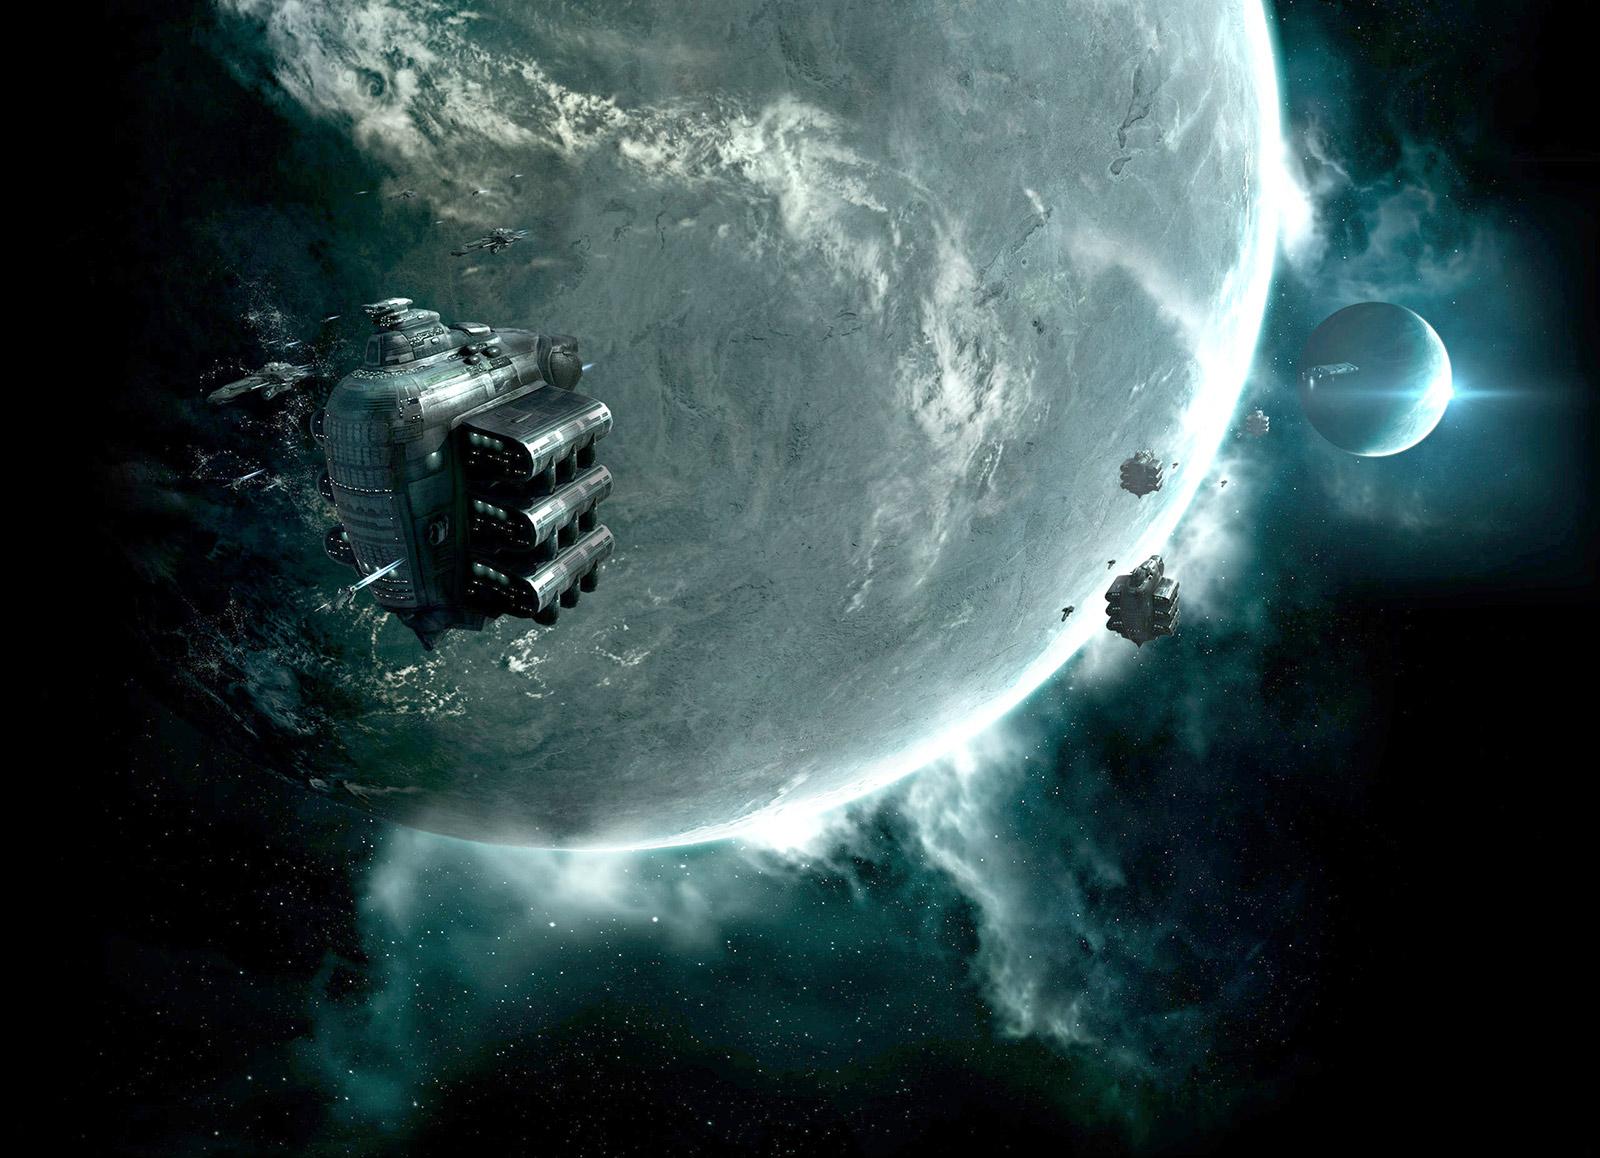 Worldfungames-ru_EVE-online_Stream-TheDarkSiros_02